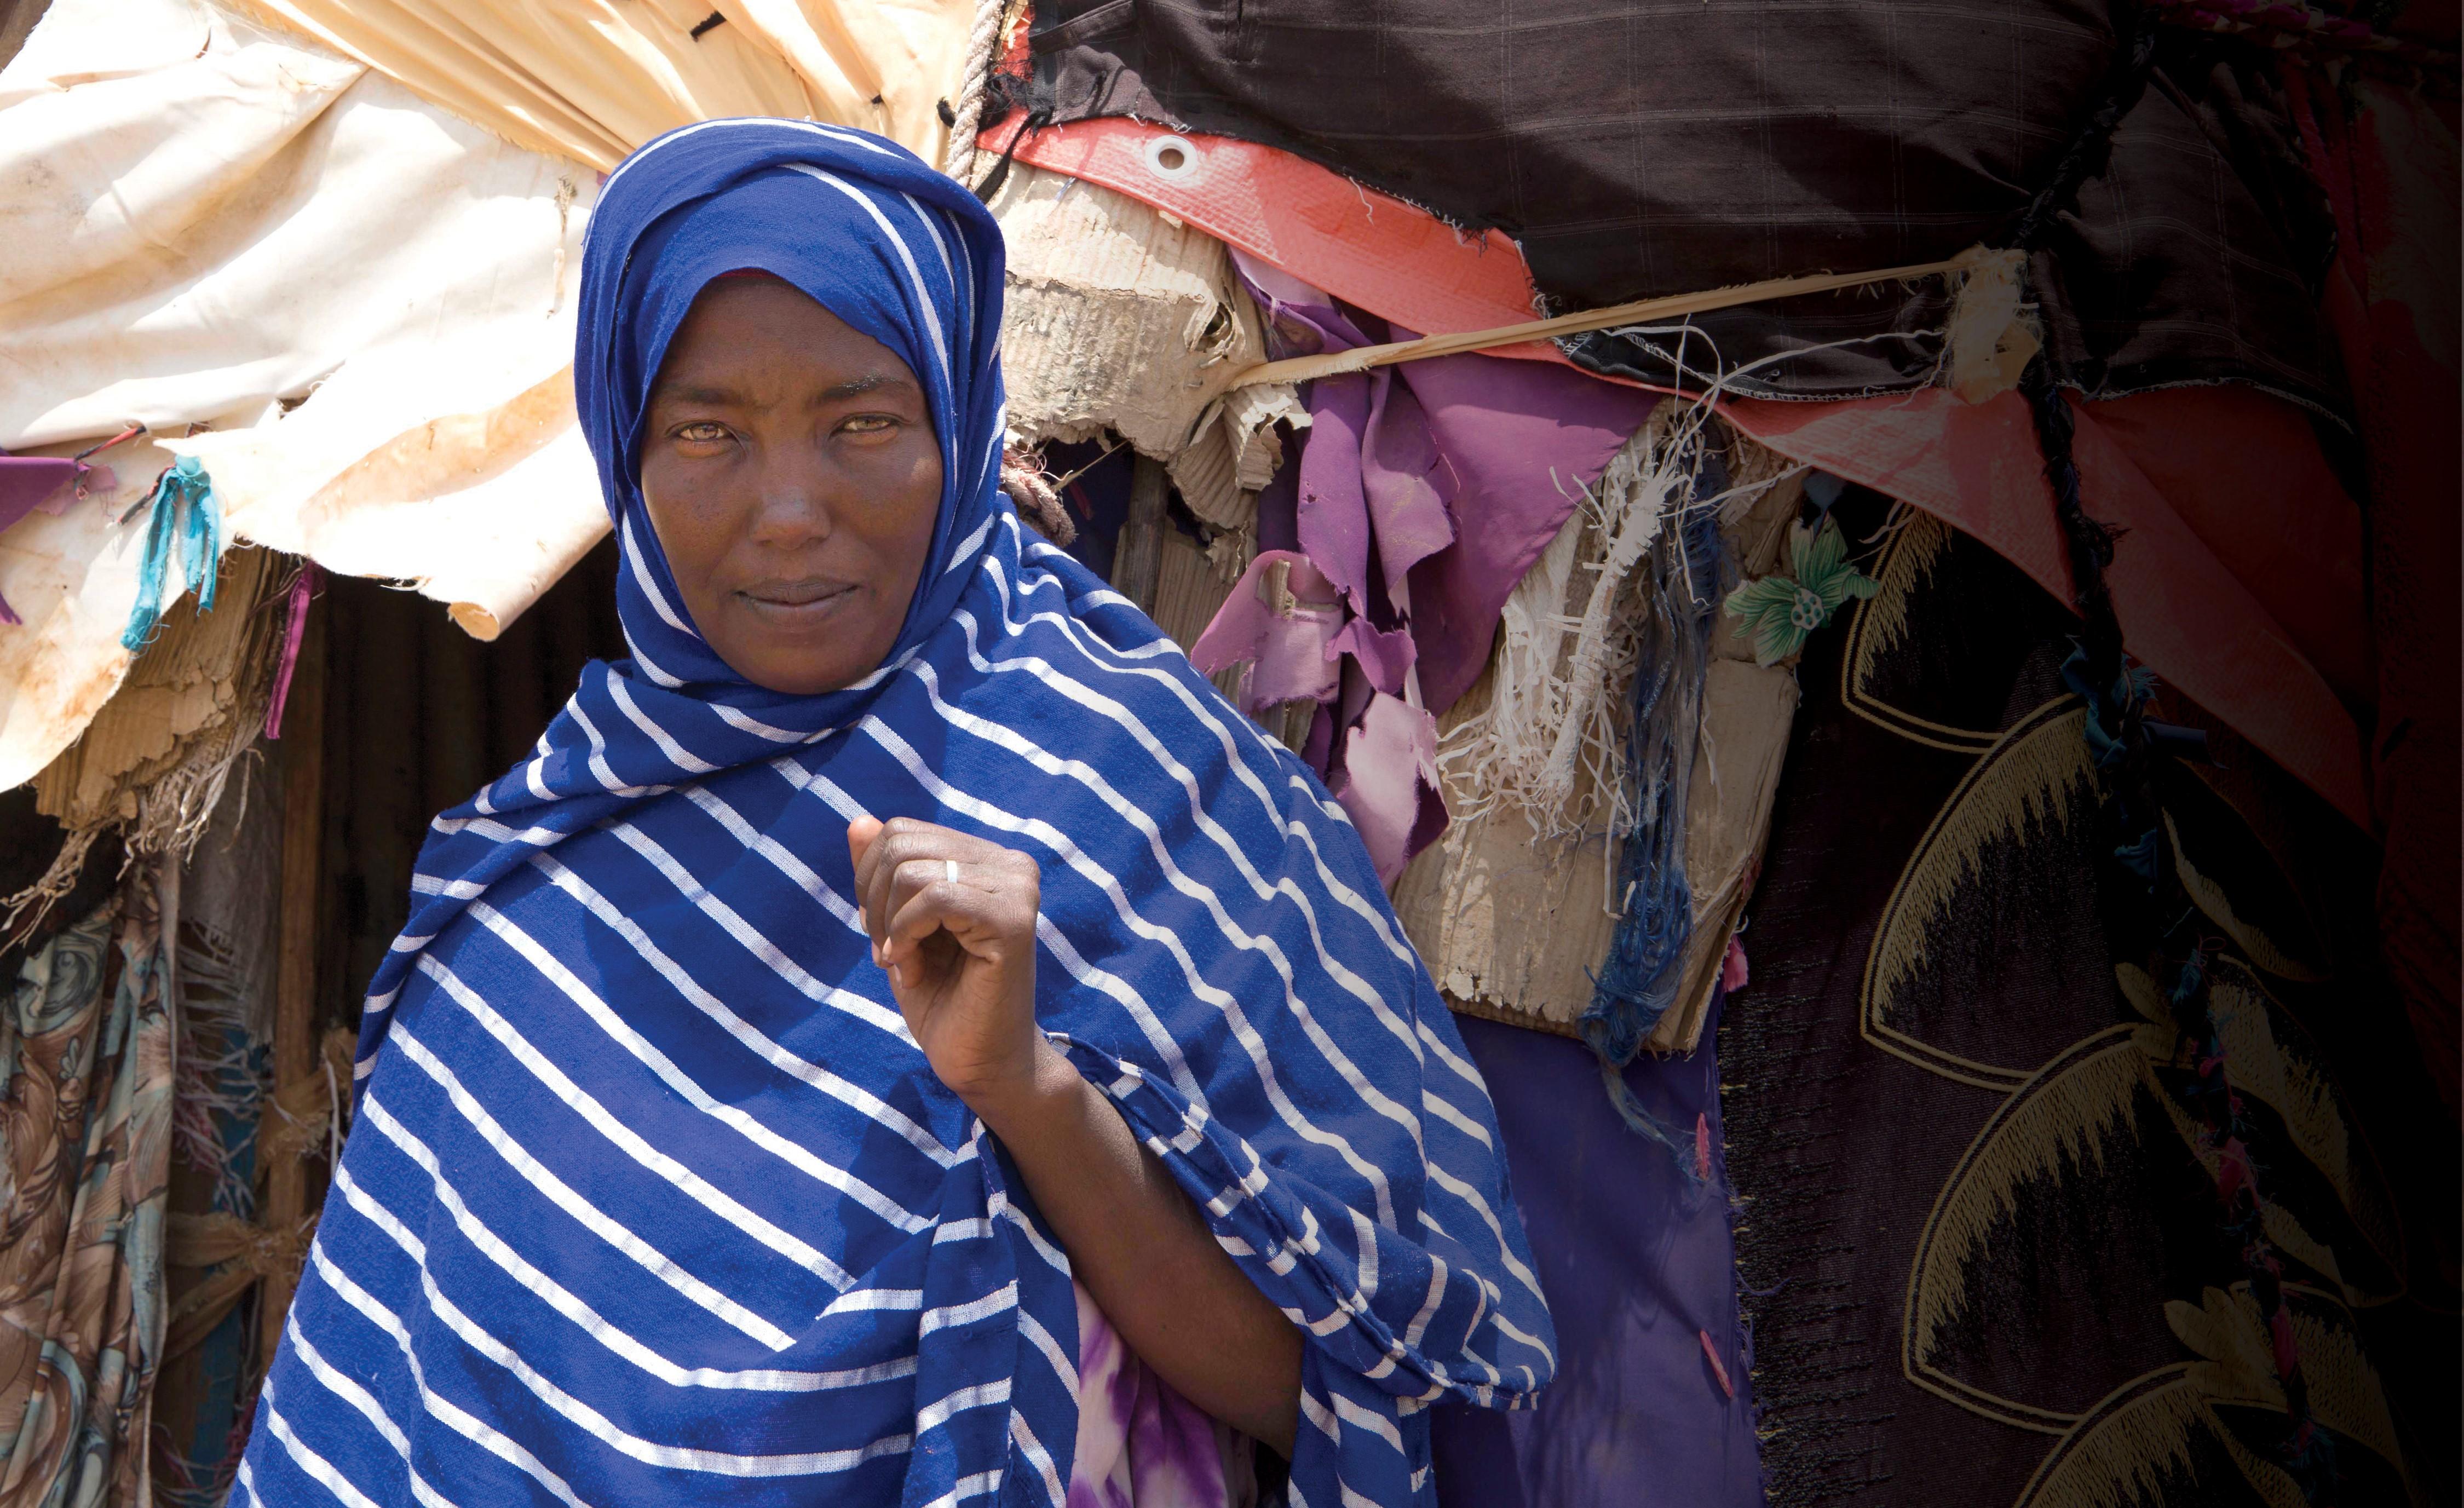 Nimo, a Somali woman